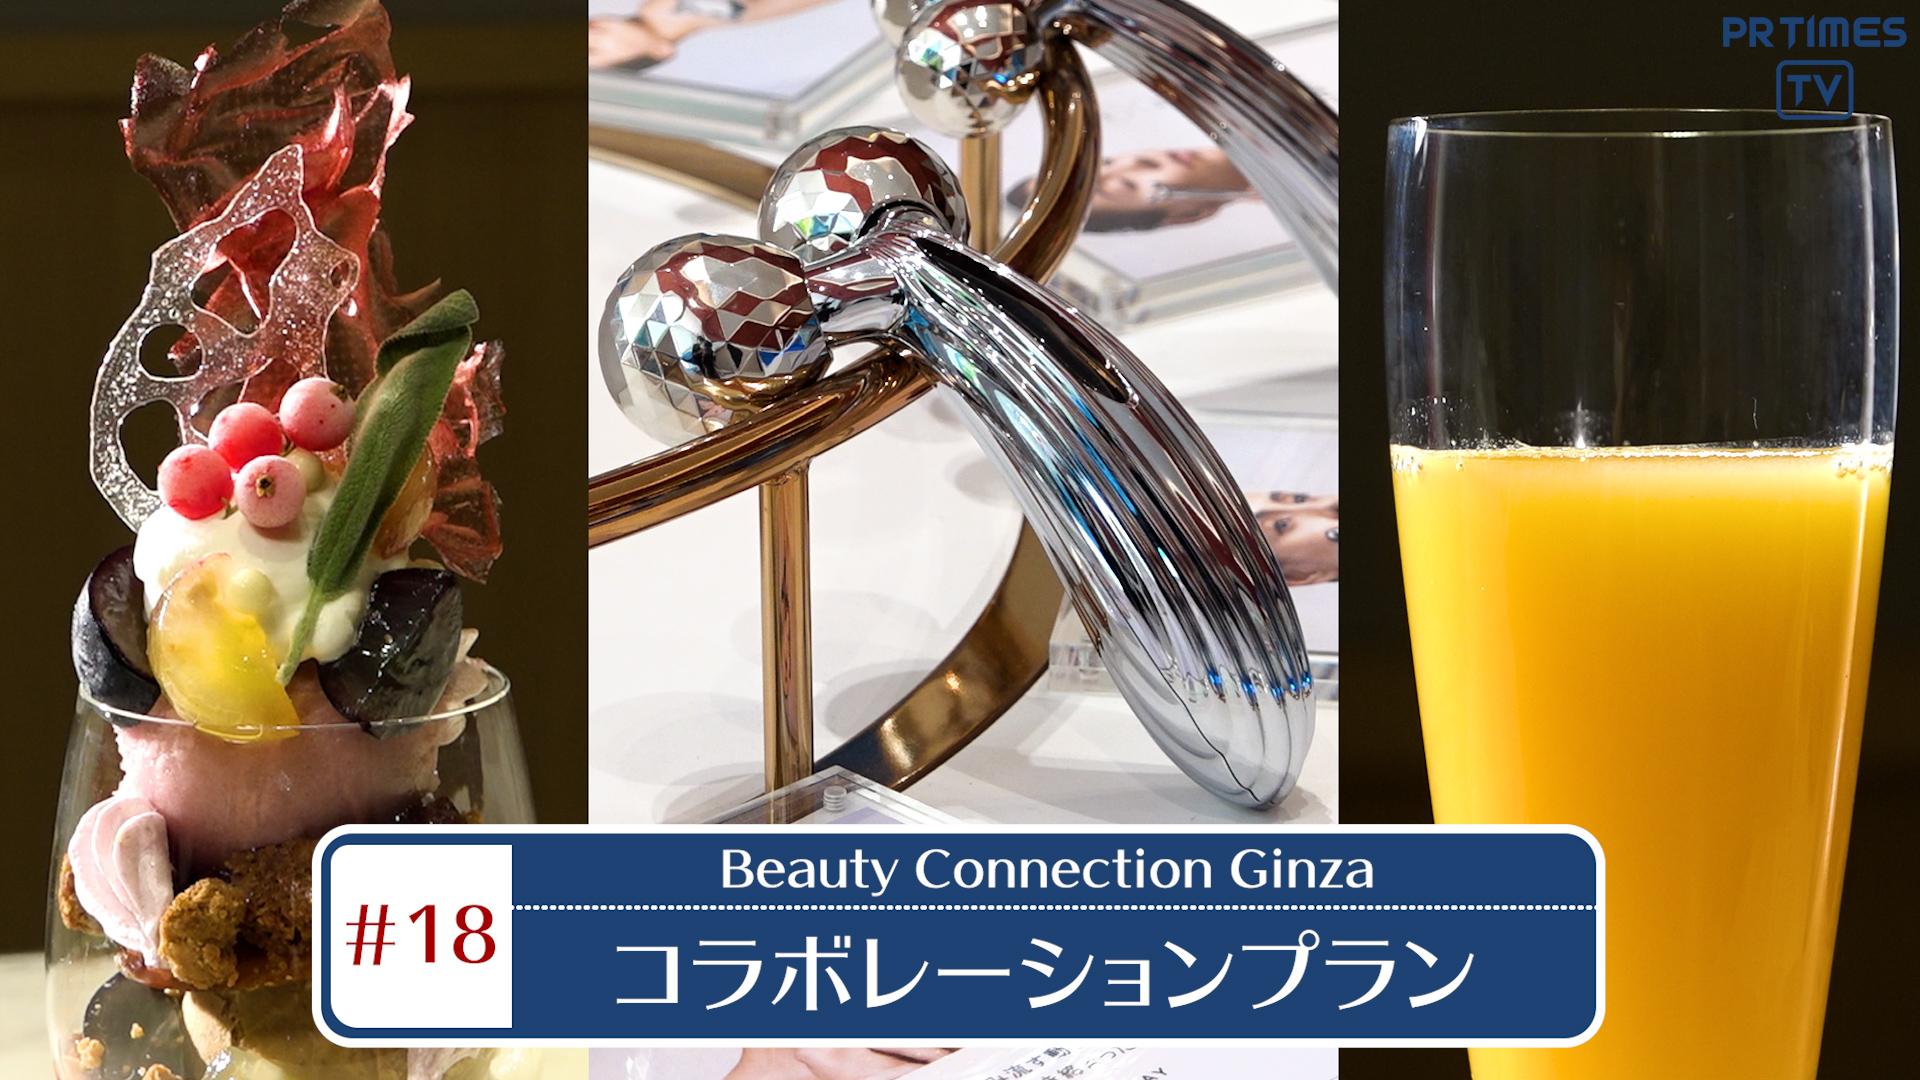 キレイになりたいアナタをサポート!「ザ ロイヤルパーク キャンバス 銀座8」×「Beauty Connection Ginza」コラボ宿泊プラン